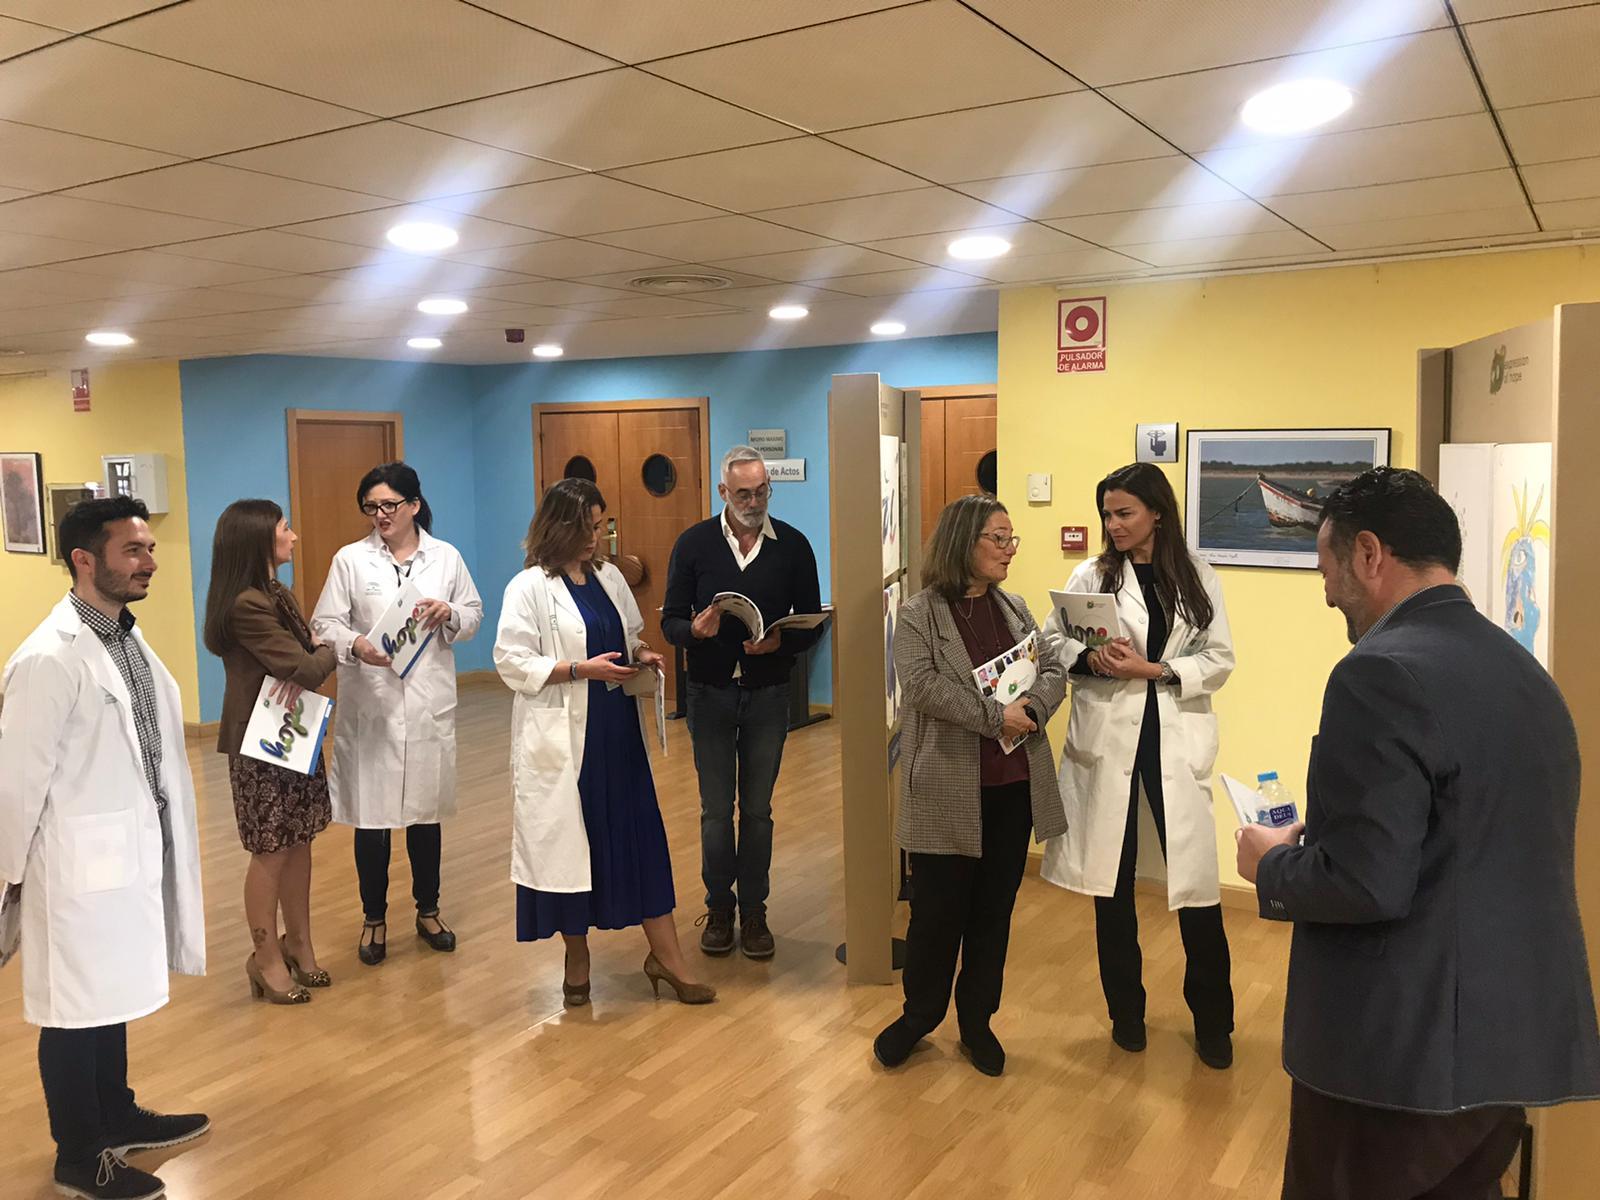 Valme acoge una exposición que acerca al visitante a las enfermedades raras